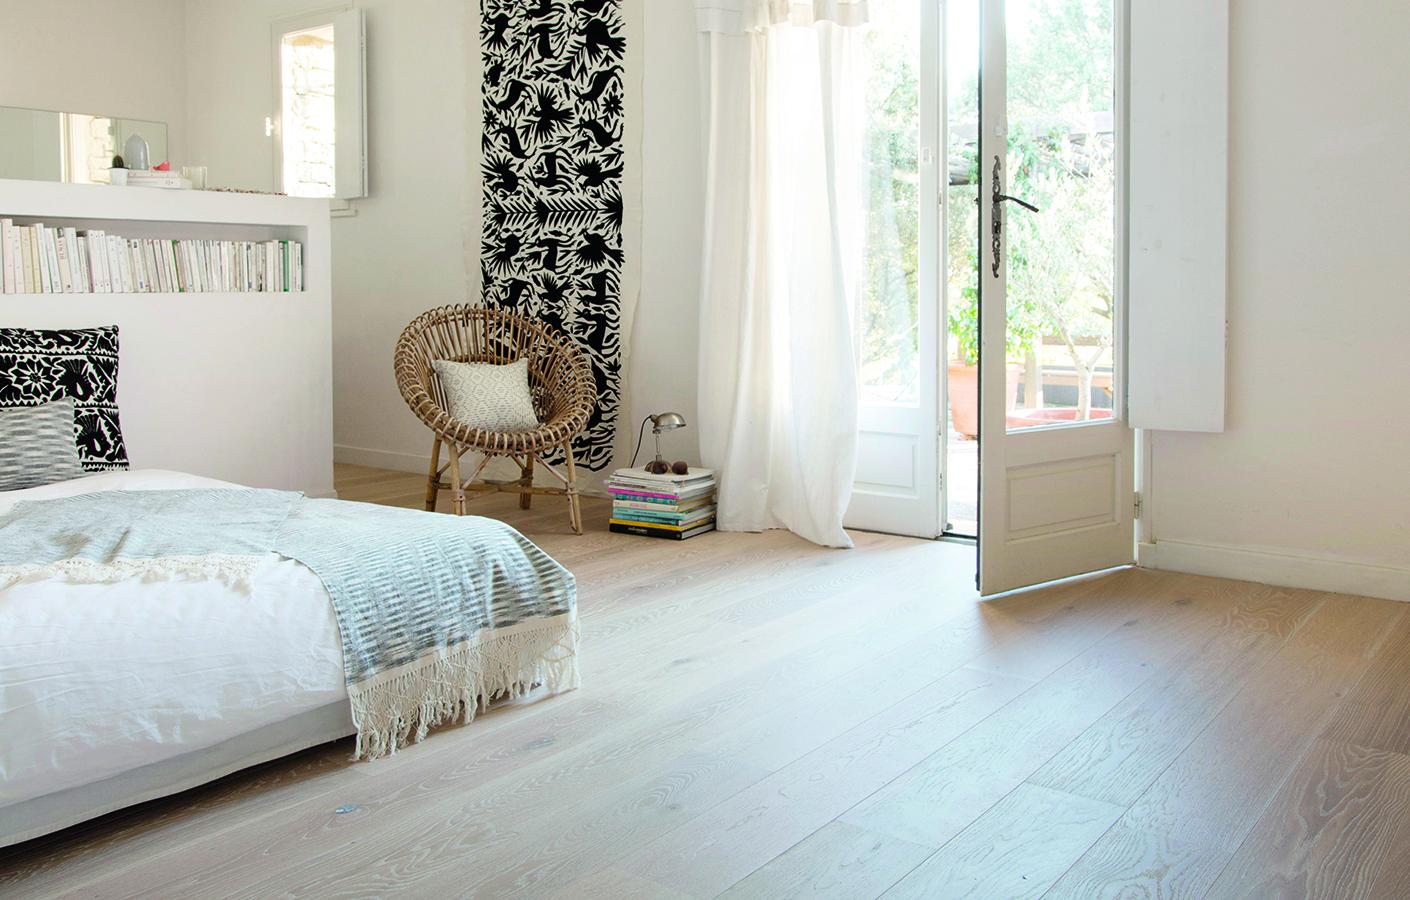 Fußboden Schlafzimmer Einrichten ~ Wie wählt man den besten bodenbelag für das schlafzimmer aus